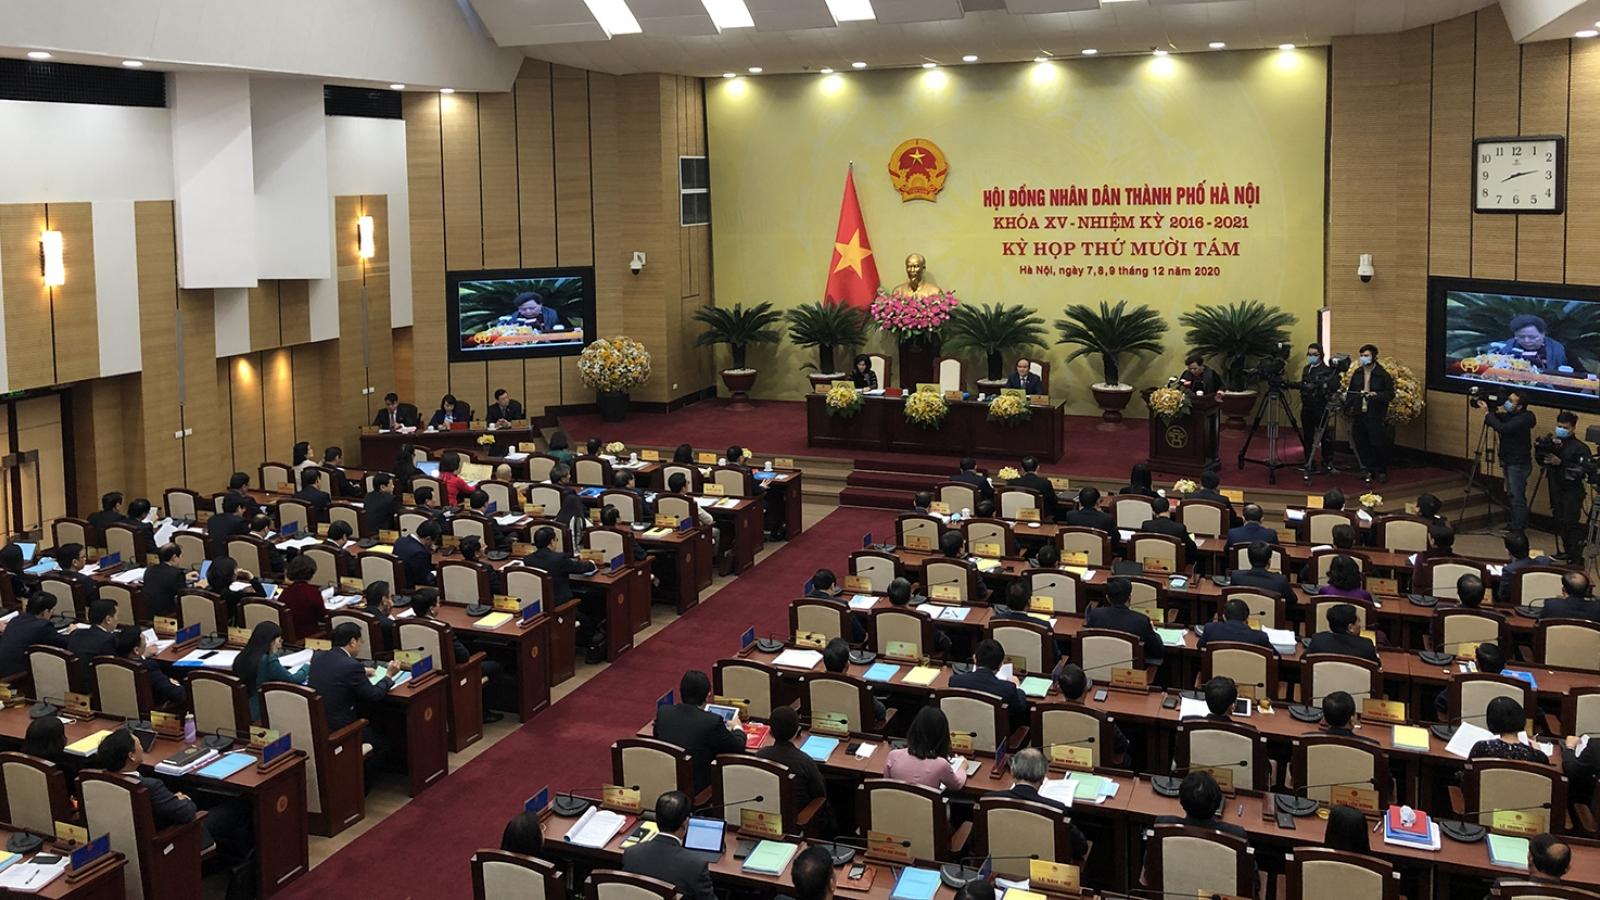 Khai mạc Kỳ họp thứ 18 HĐND TP Hà Nội: Sẽ kiện toàn chức danh chủ chốt